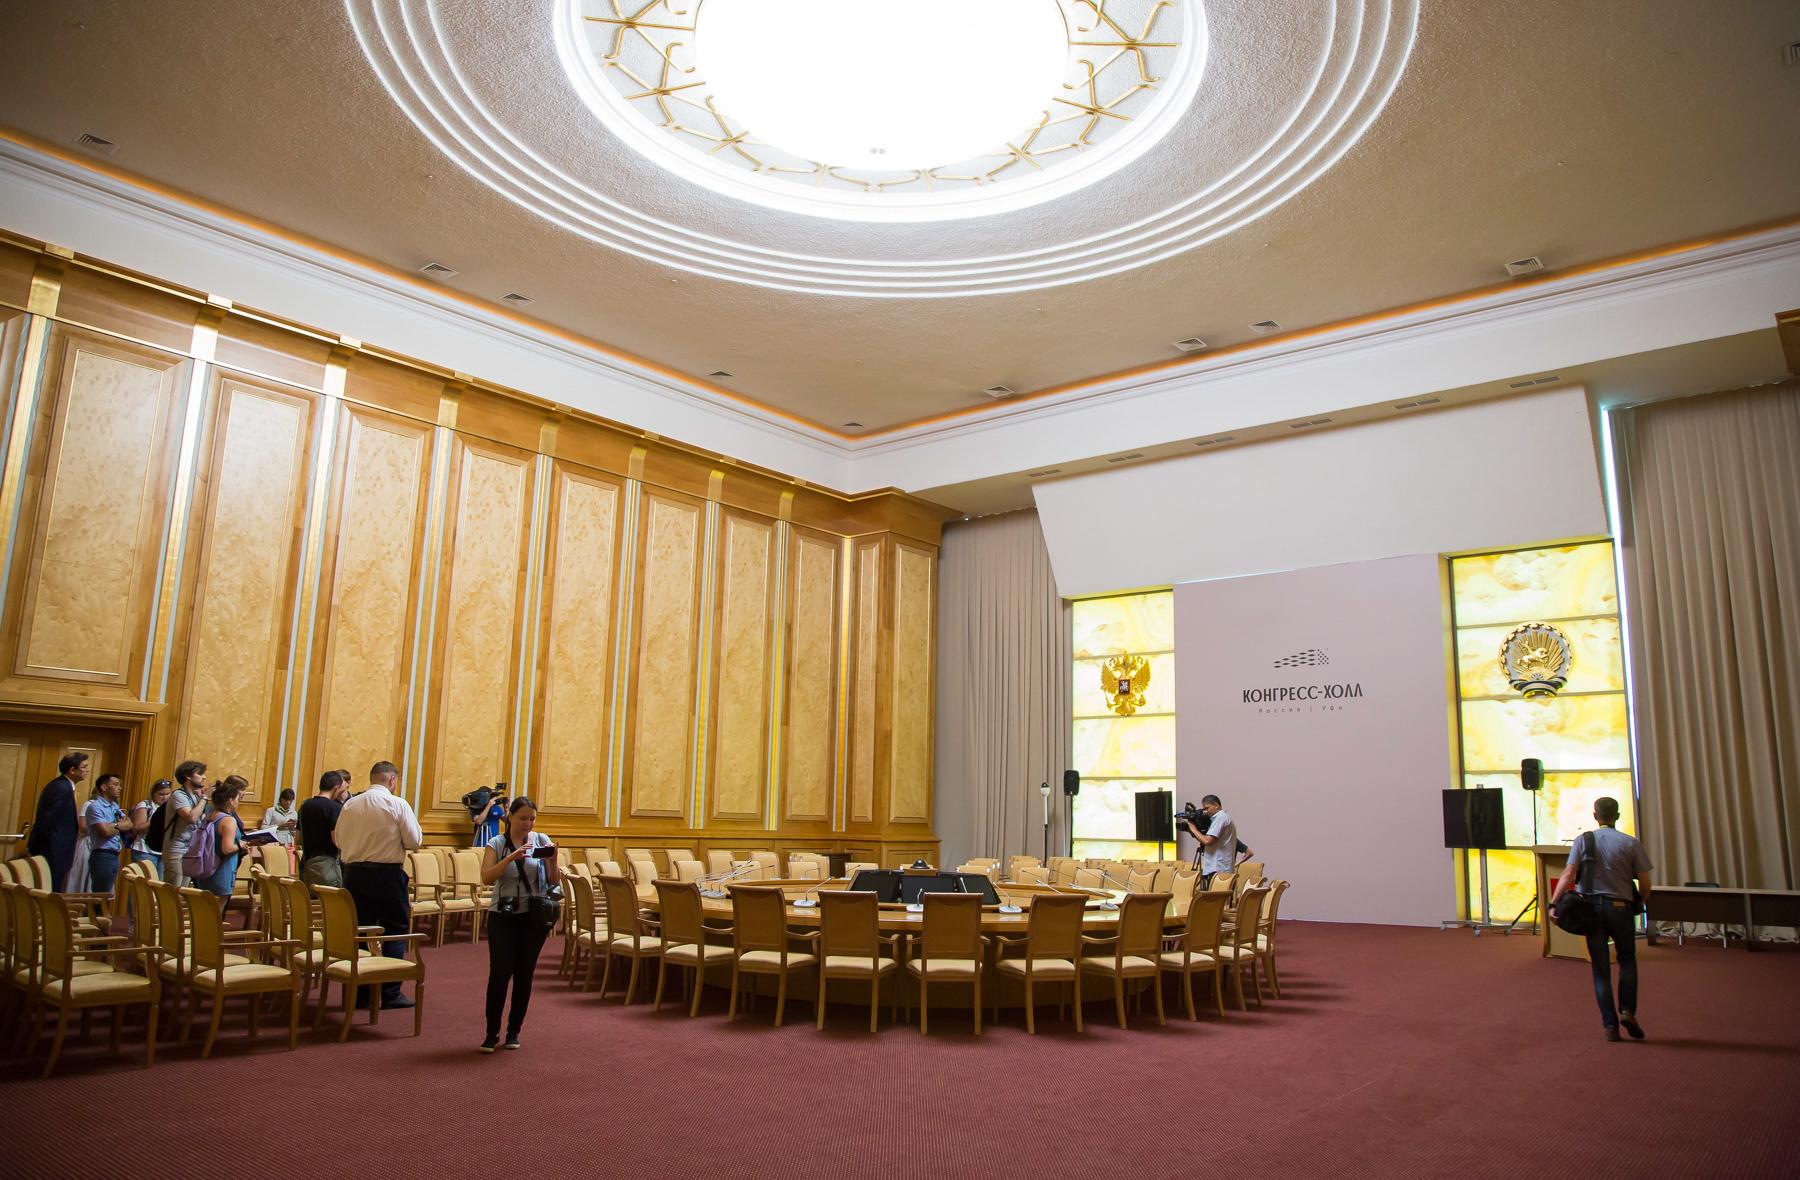 К ШОС и БРИКС в здании оборудовали порядка 30 залов для встреч и переговоров